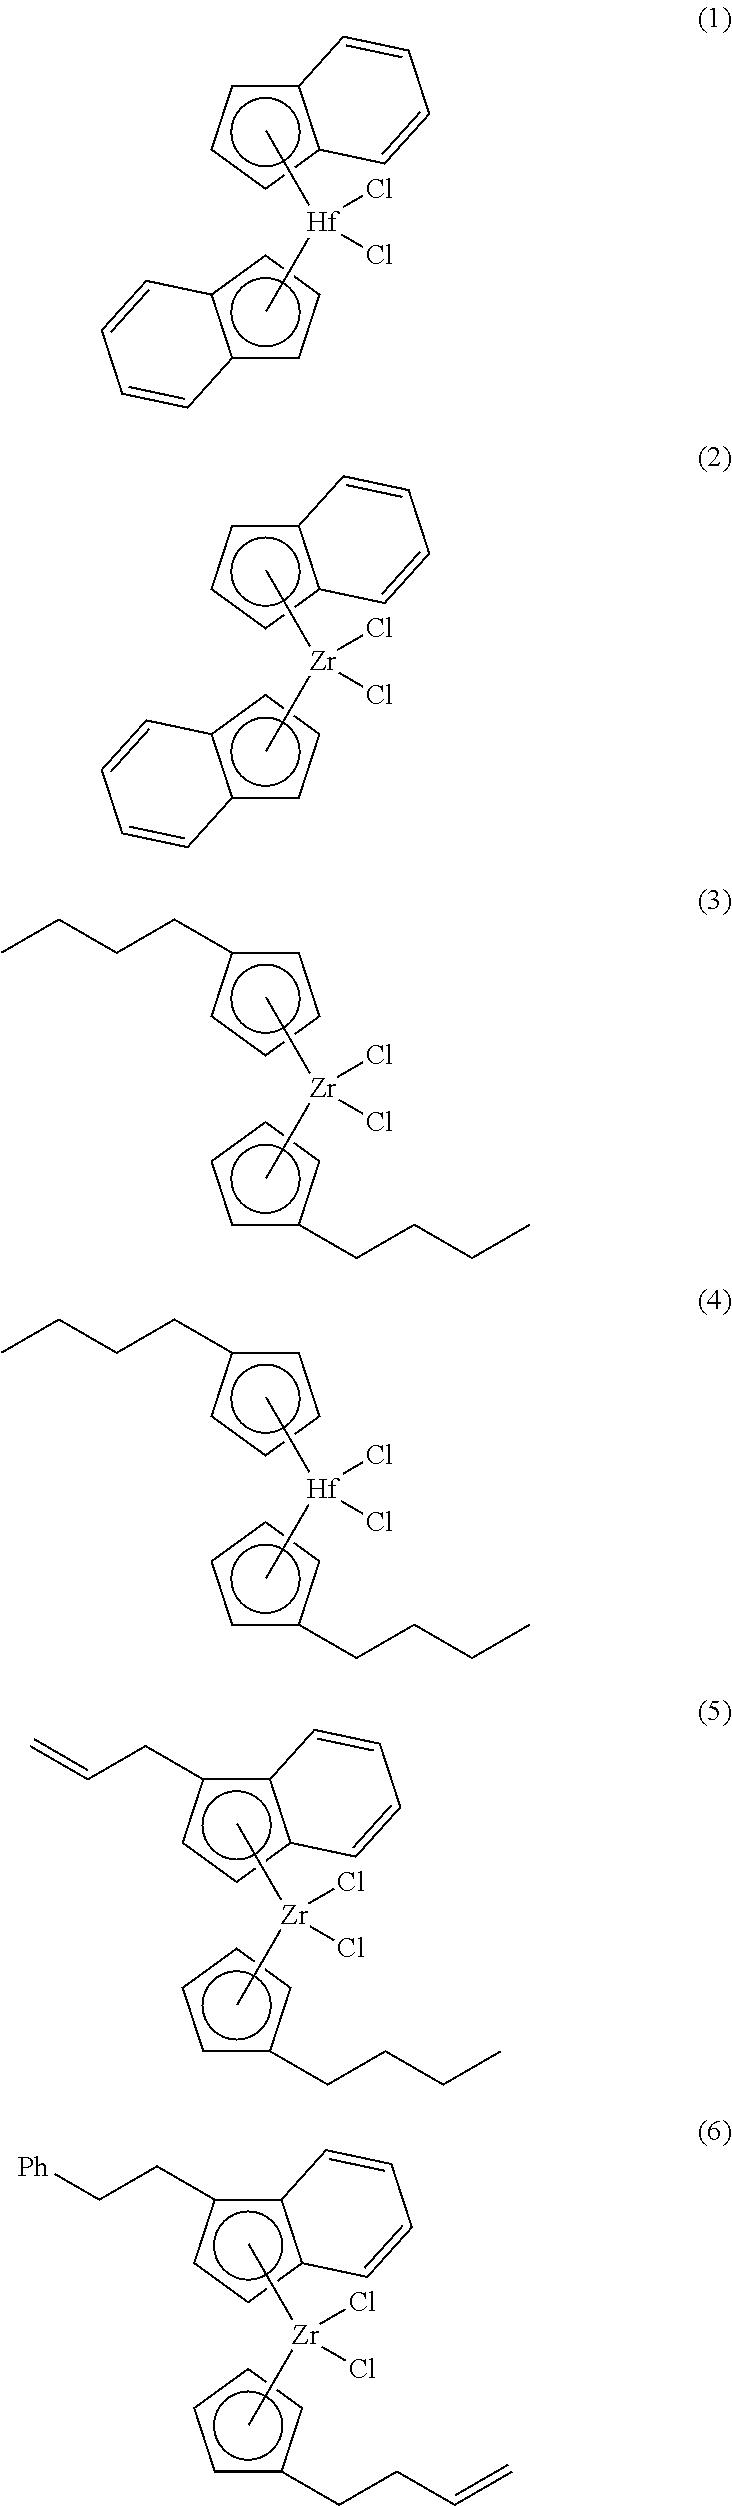 Figure US09493589-20161115-C00002